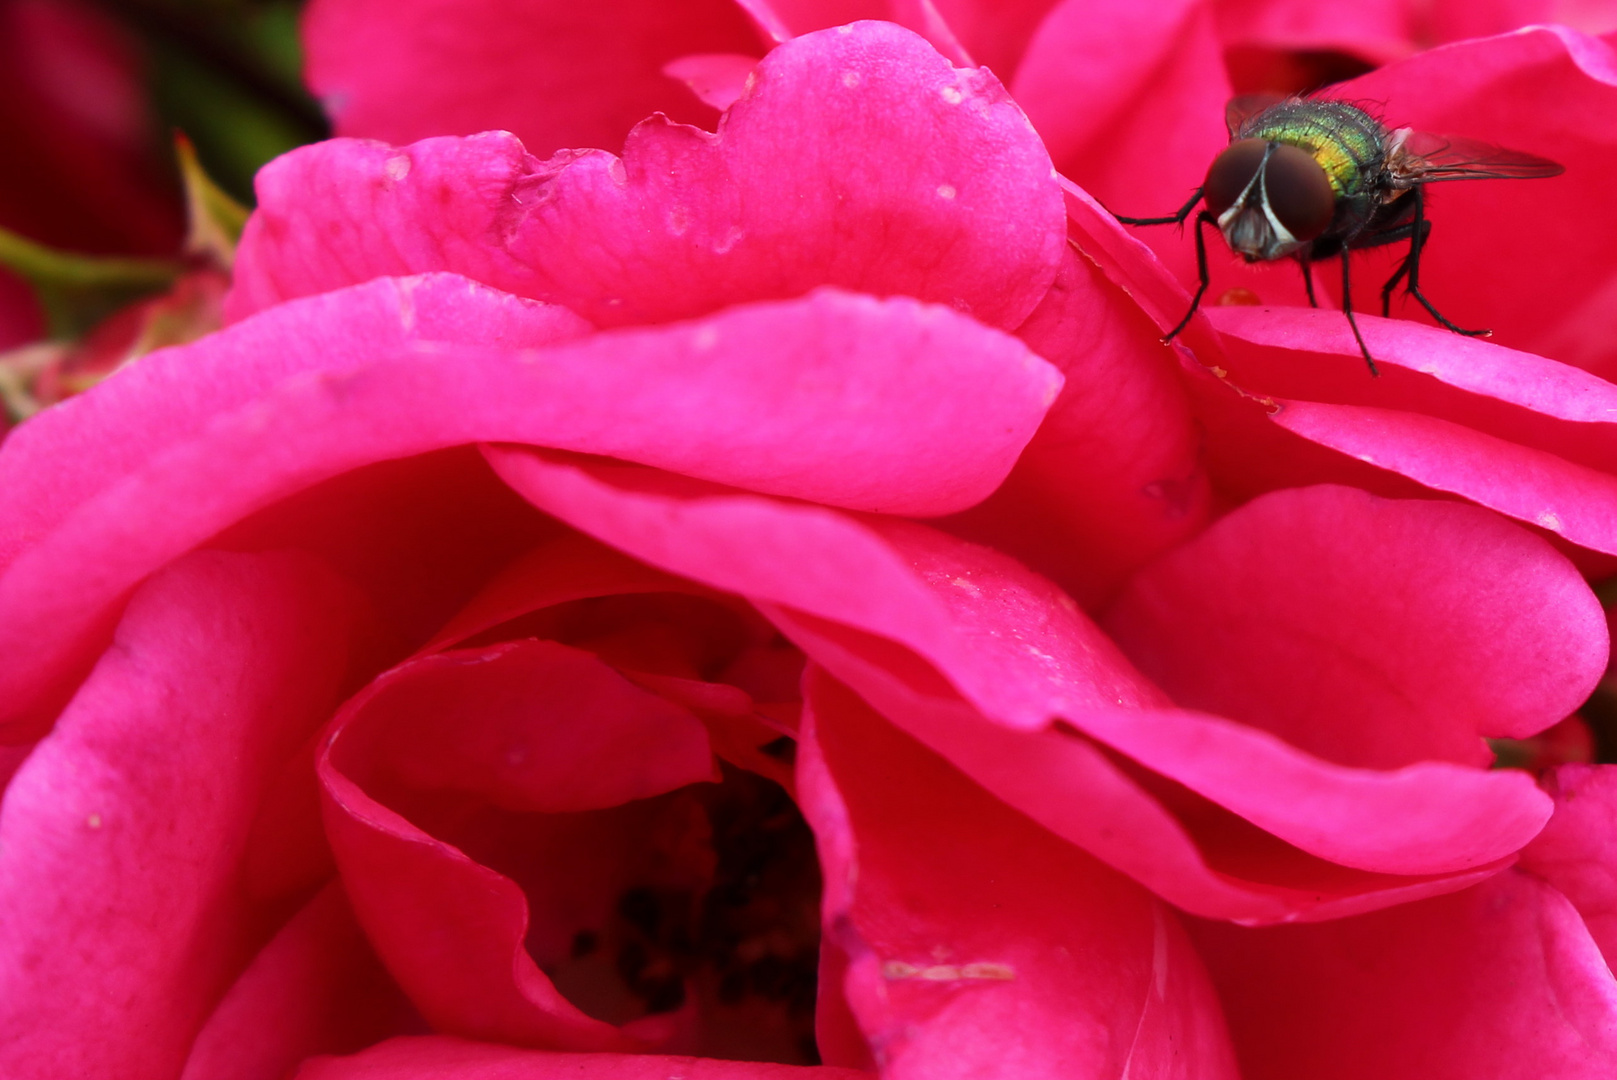 Strauchrose mit Fliege